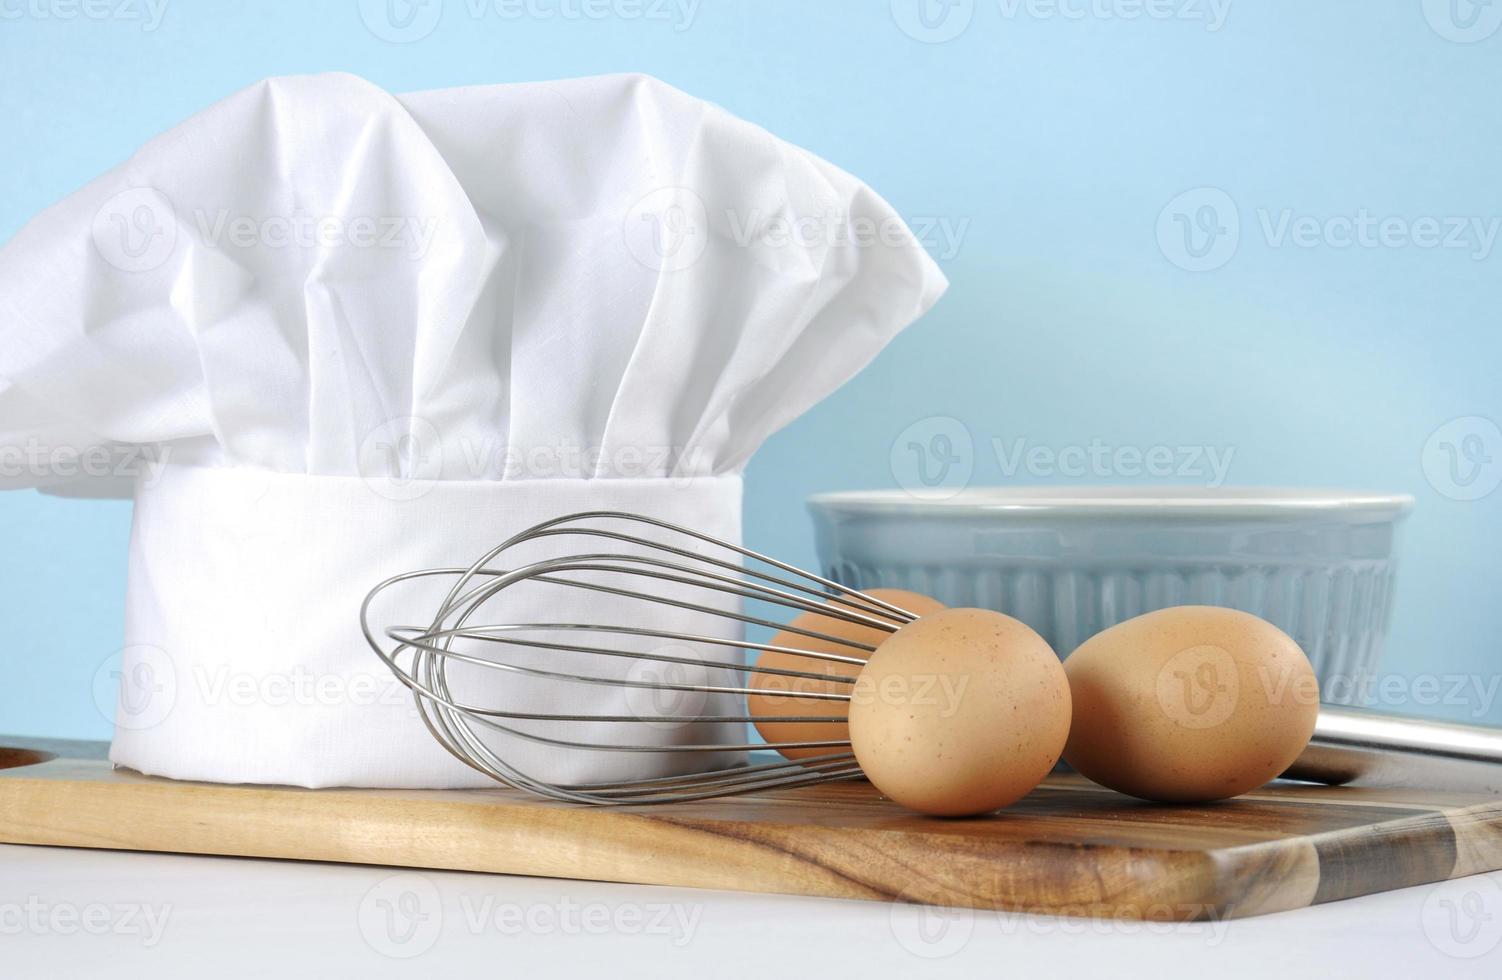 cozinha moderna, utensílios de cozinha e chapéu de chef foto